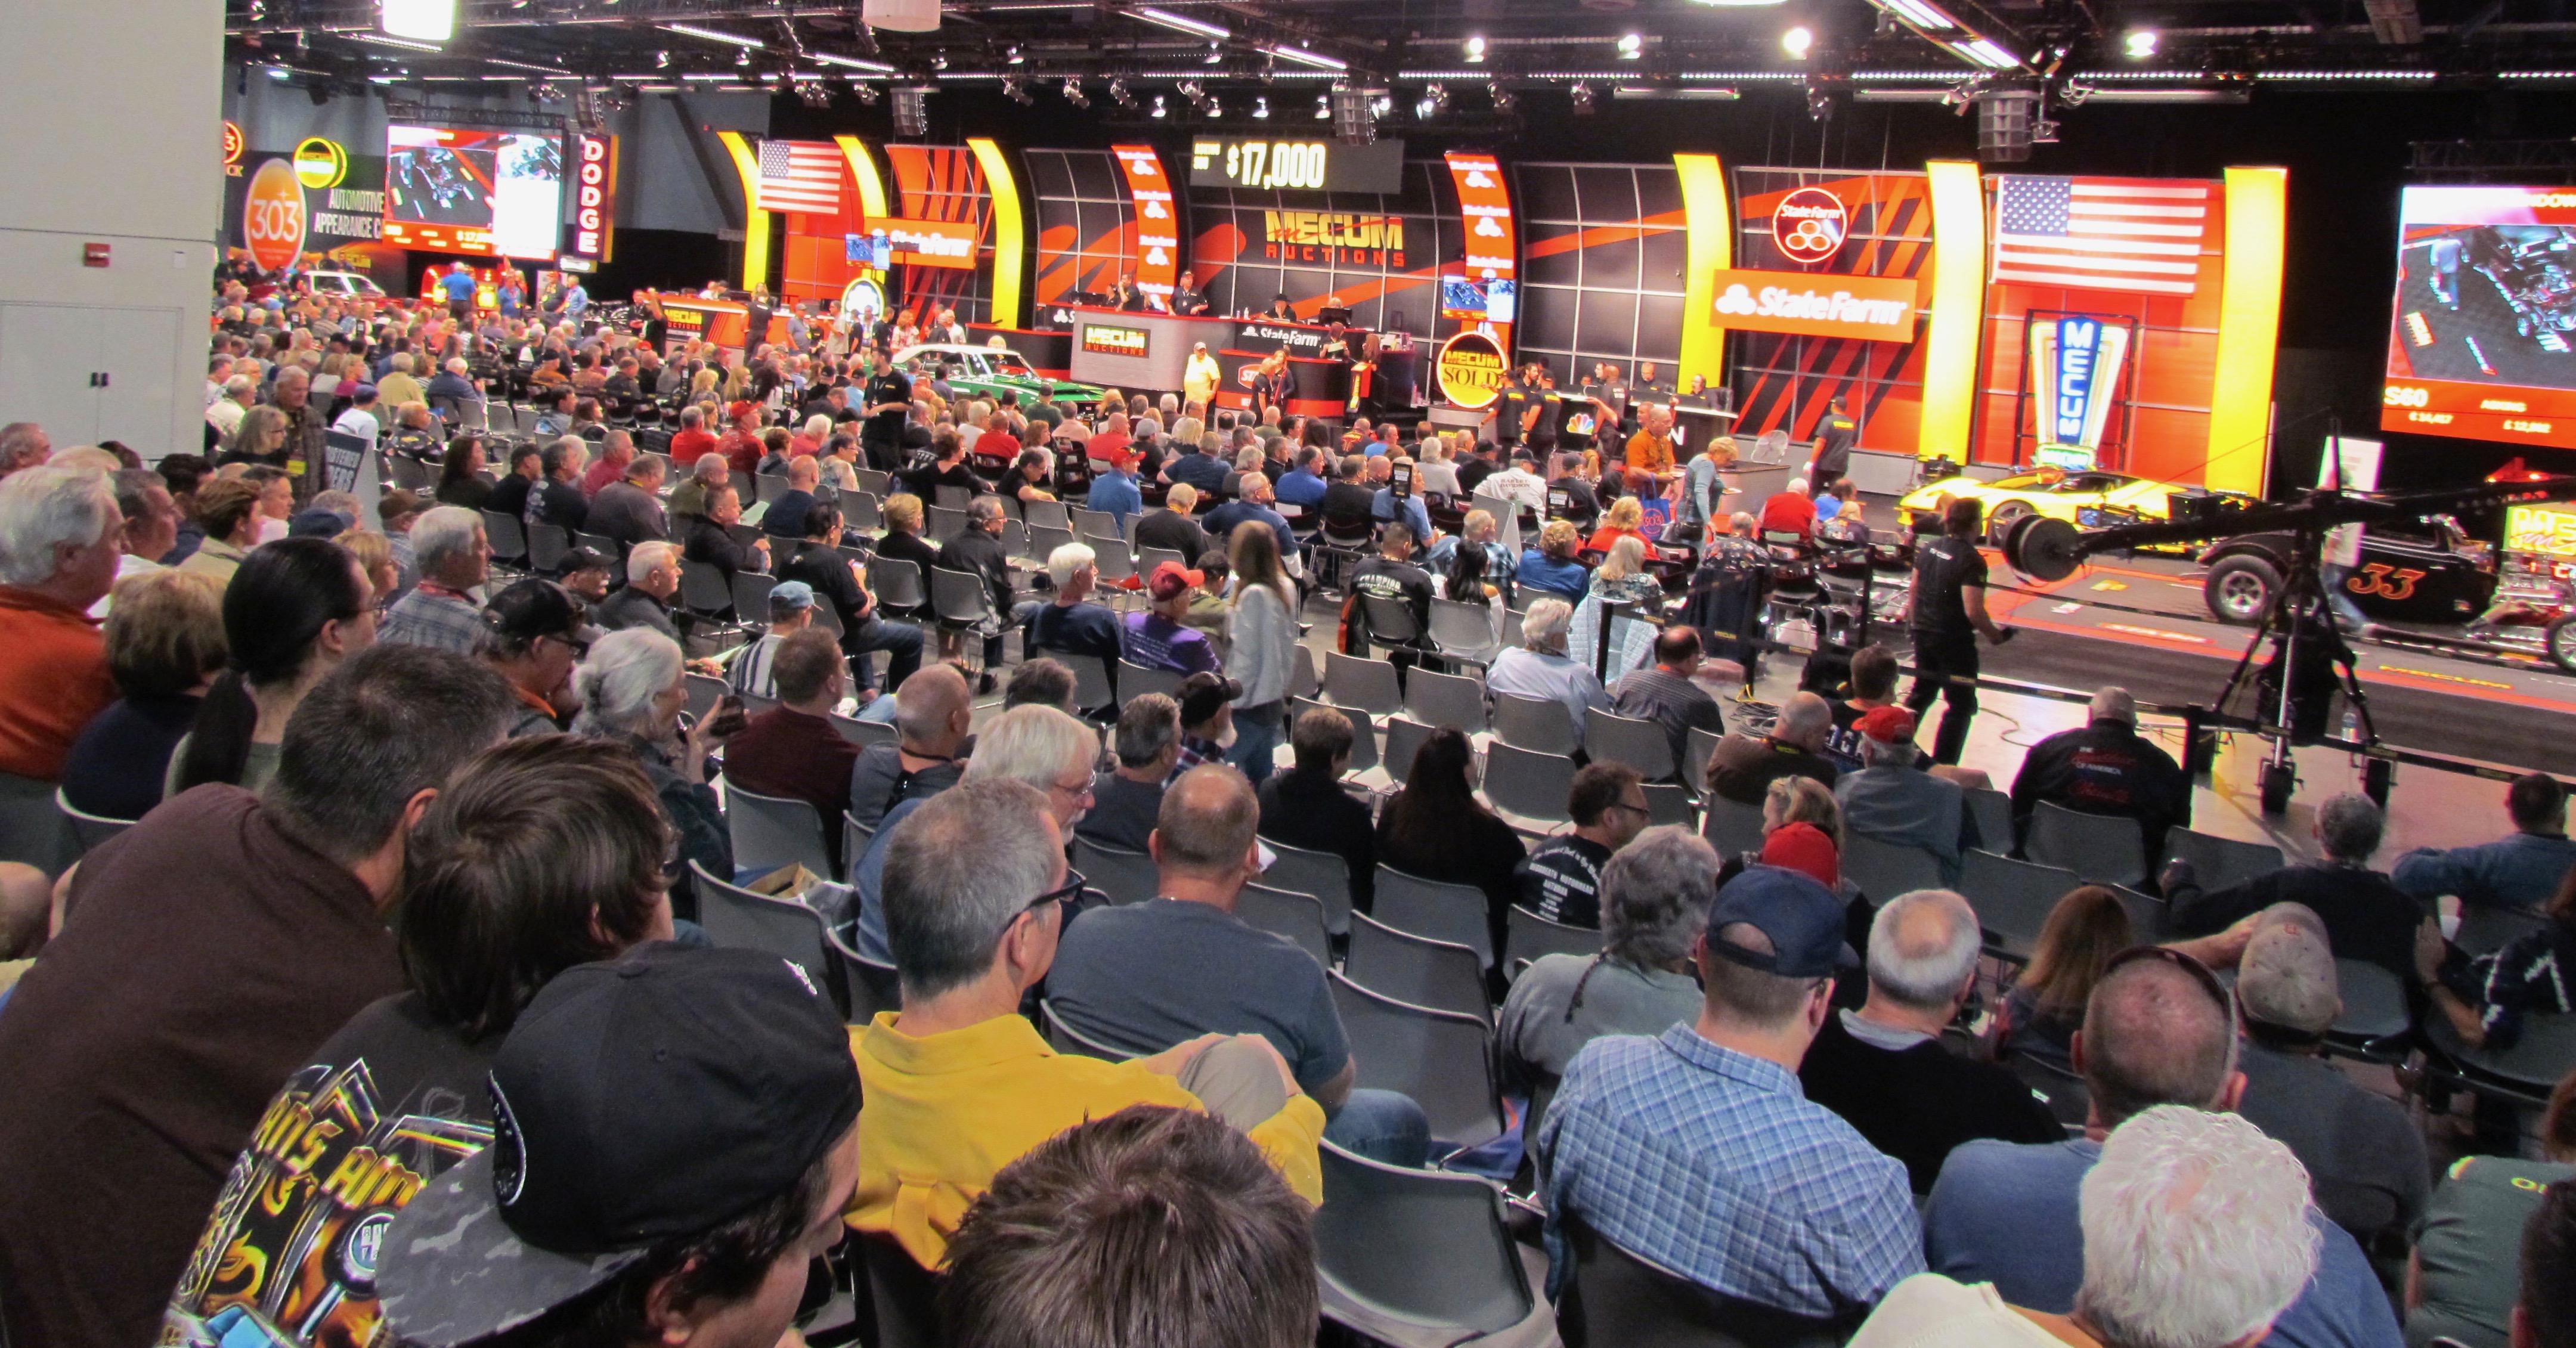 Mecum's Las Vegas auction sells 557 vehicles for $22 million | ClassicCars